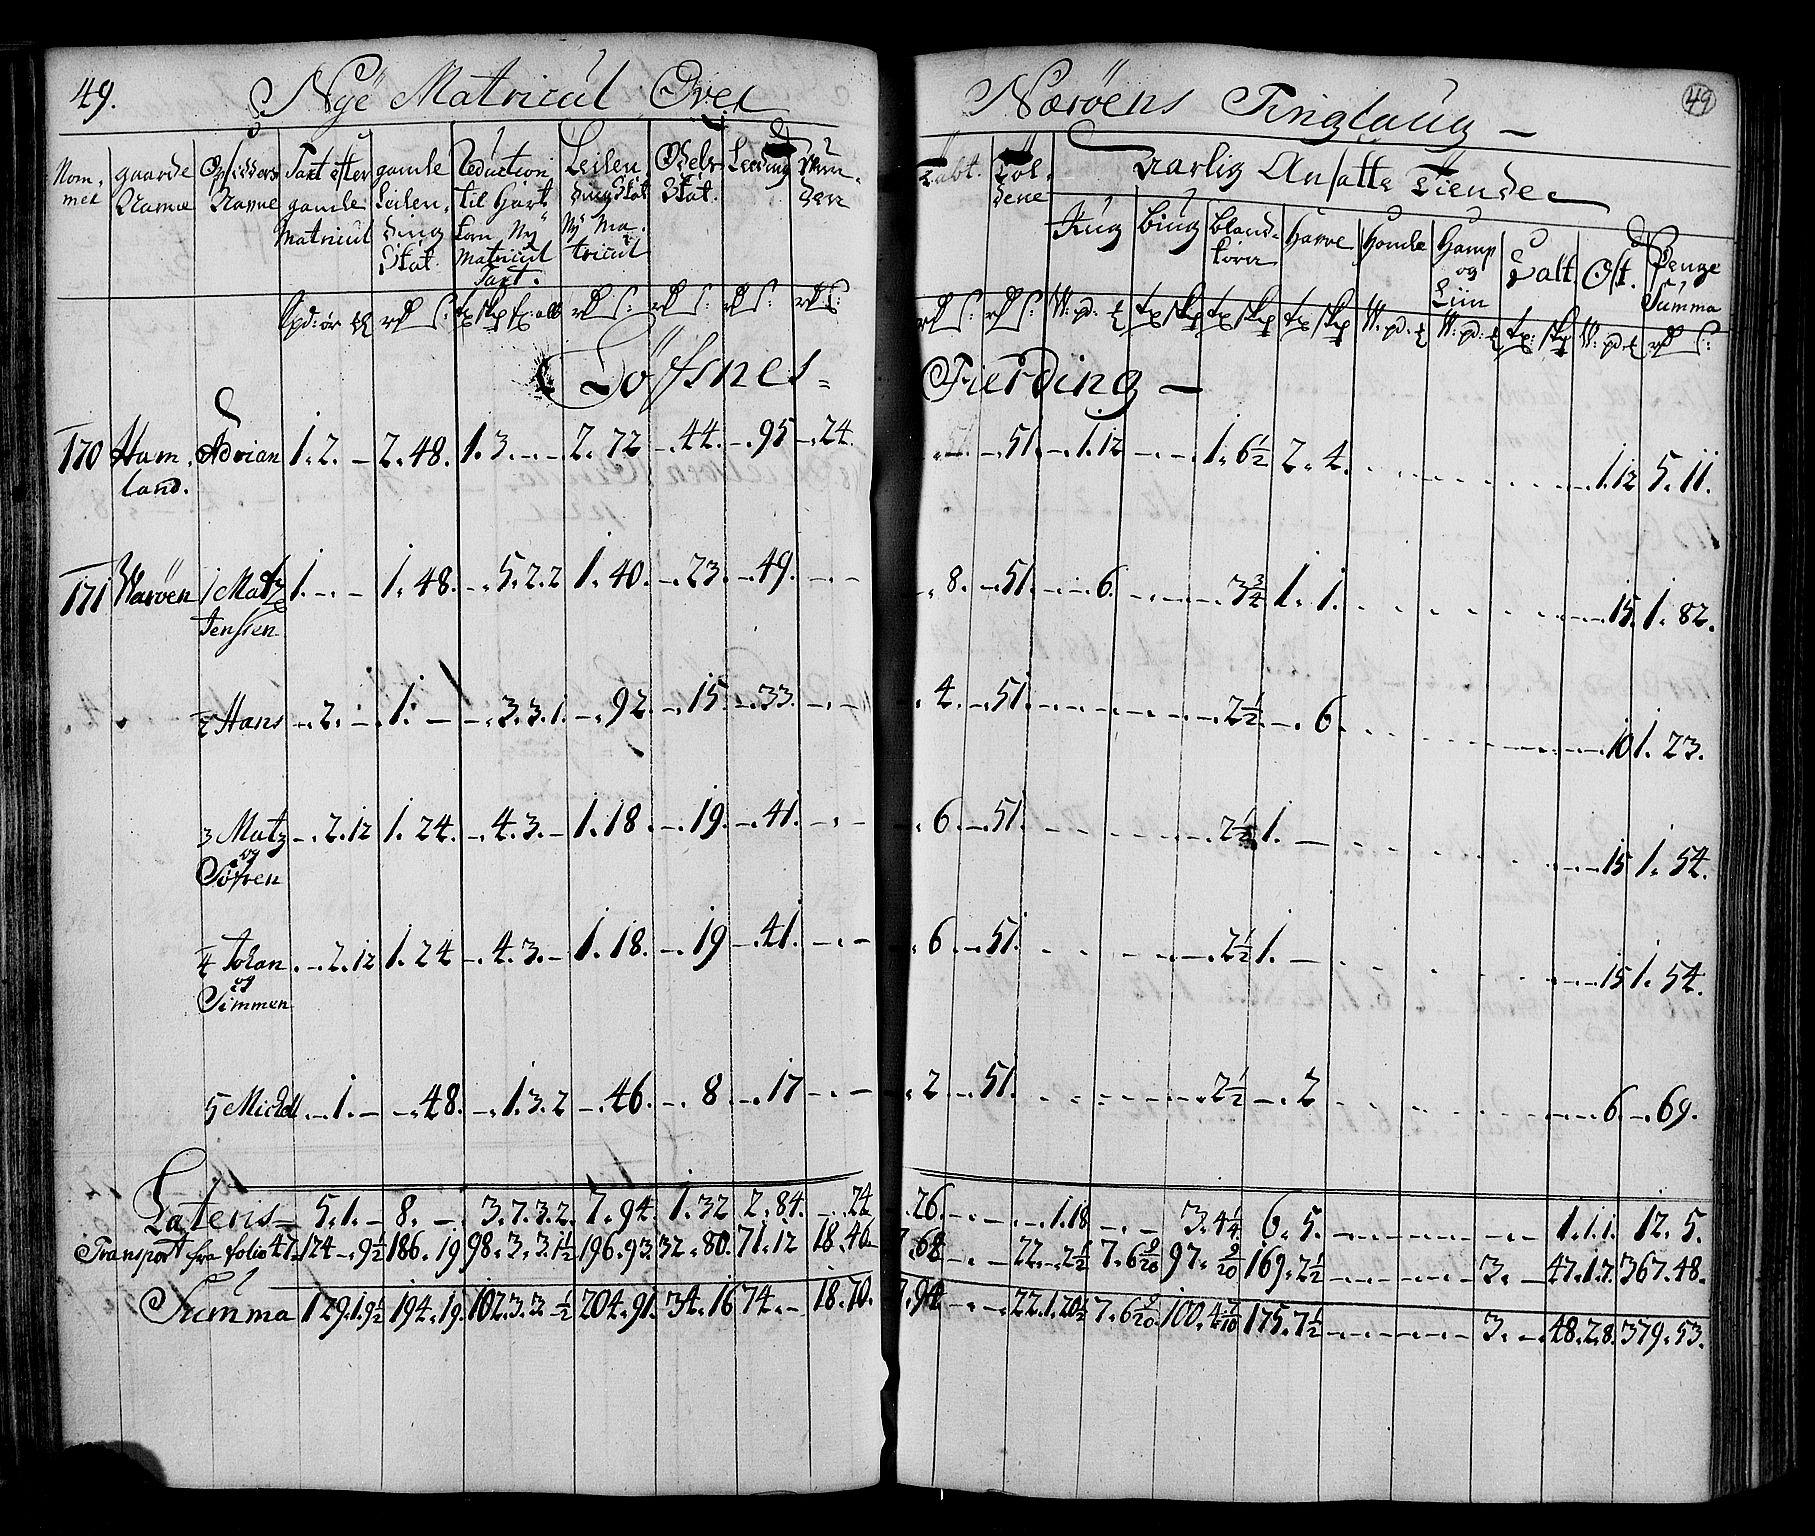 RA, Rentekammeret inntil 1814, Realistisk ordnet avdeling, N/Nb/Nbf/L0169: Namdalen matrikkelprotokoll, 1723, s. 48b-49a